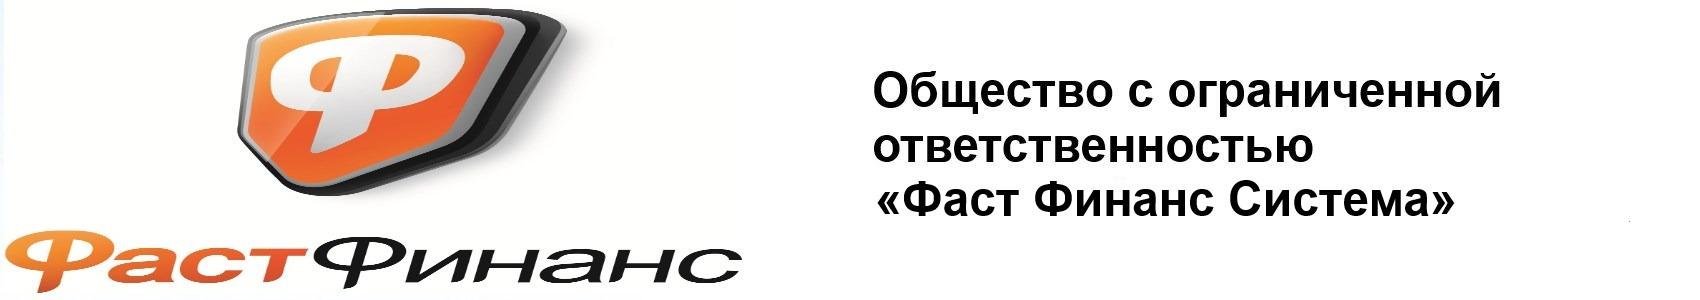 Фаст Финанс